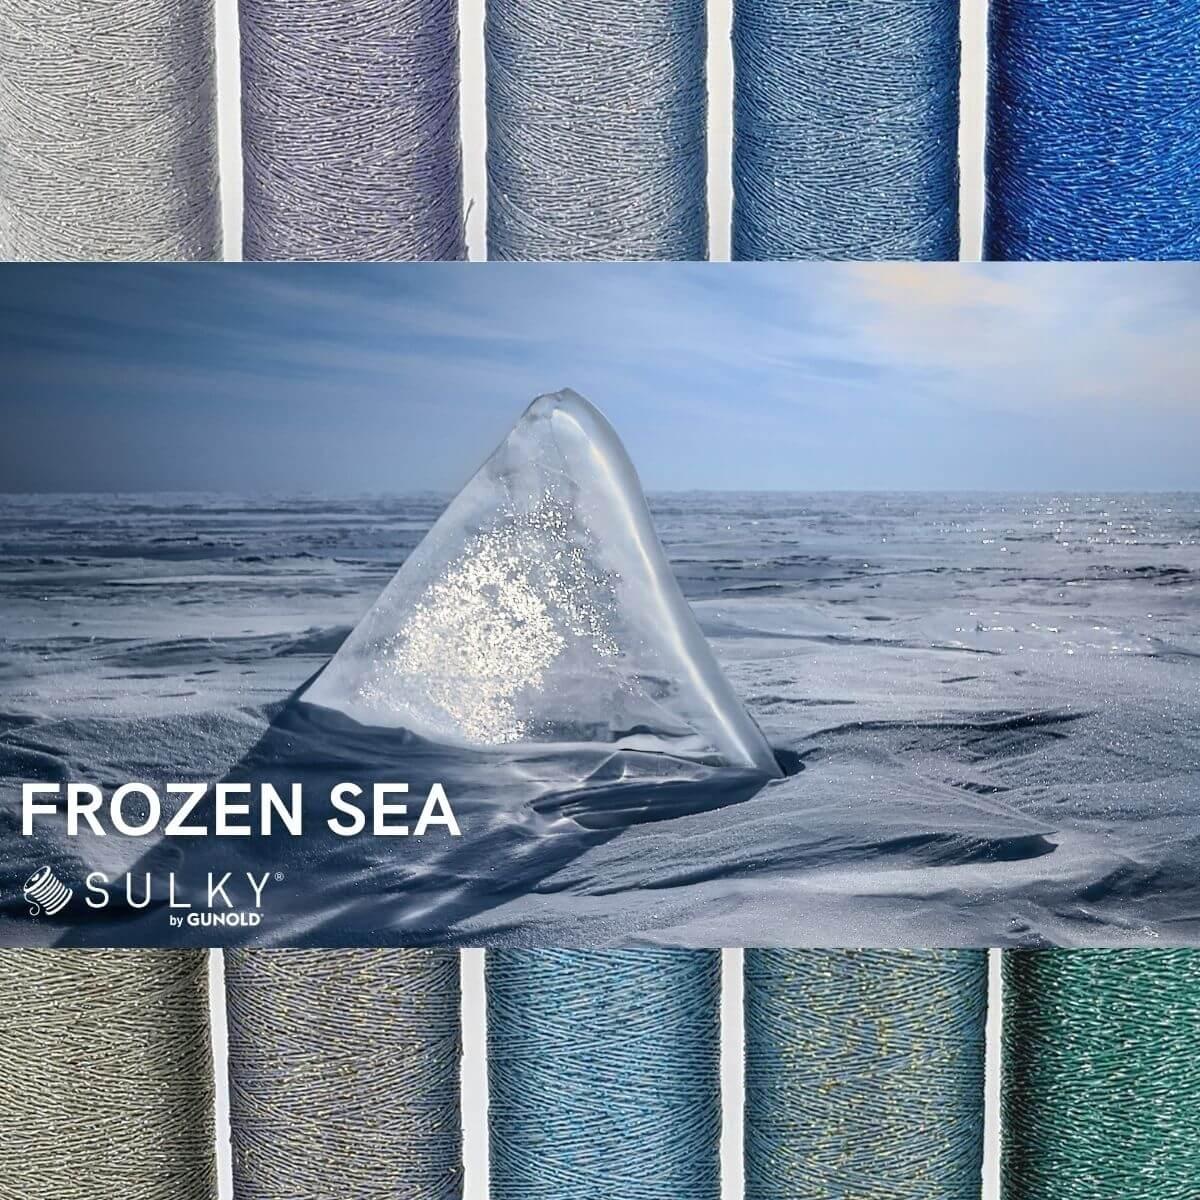 SULKY POLY SPARKLE 30 - Frozen Sea (10 x 265m Snap Spulen)